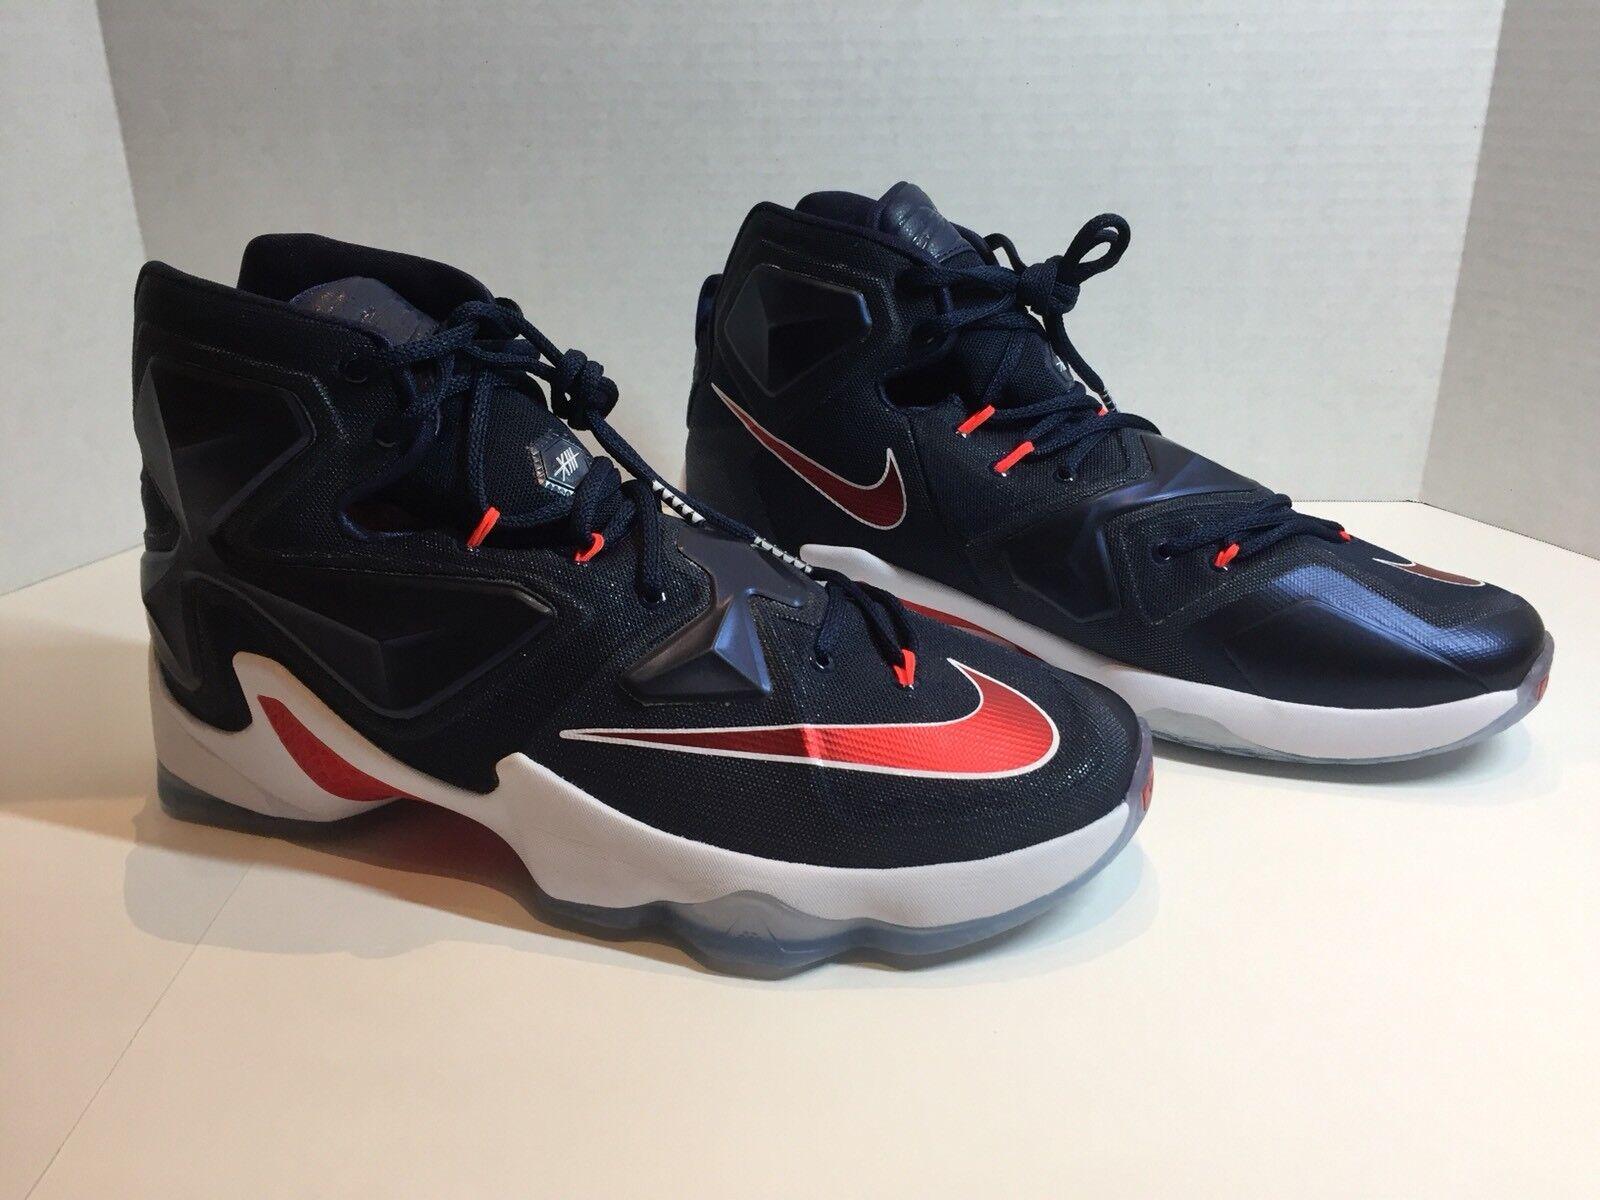 Nike lebron 13 xiii usa olympic scarpe da basket sz 12